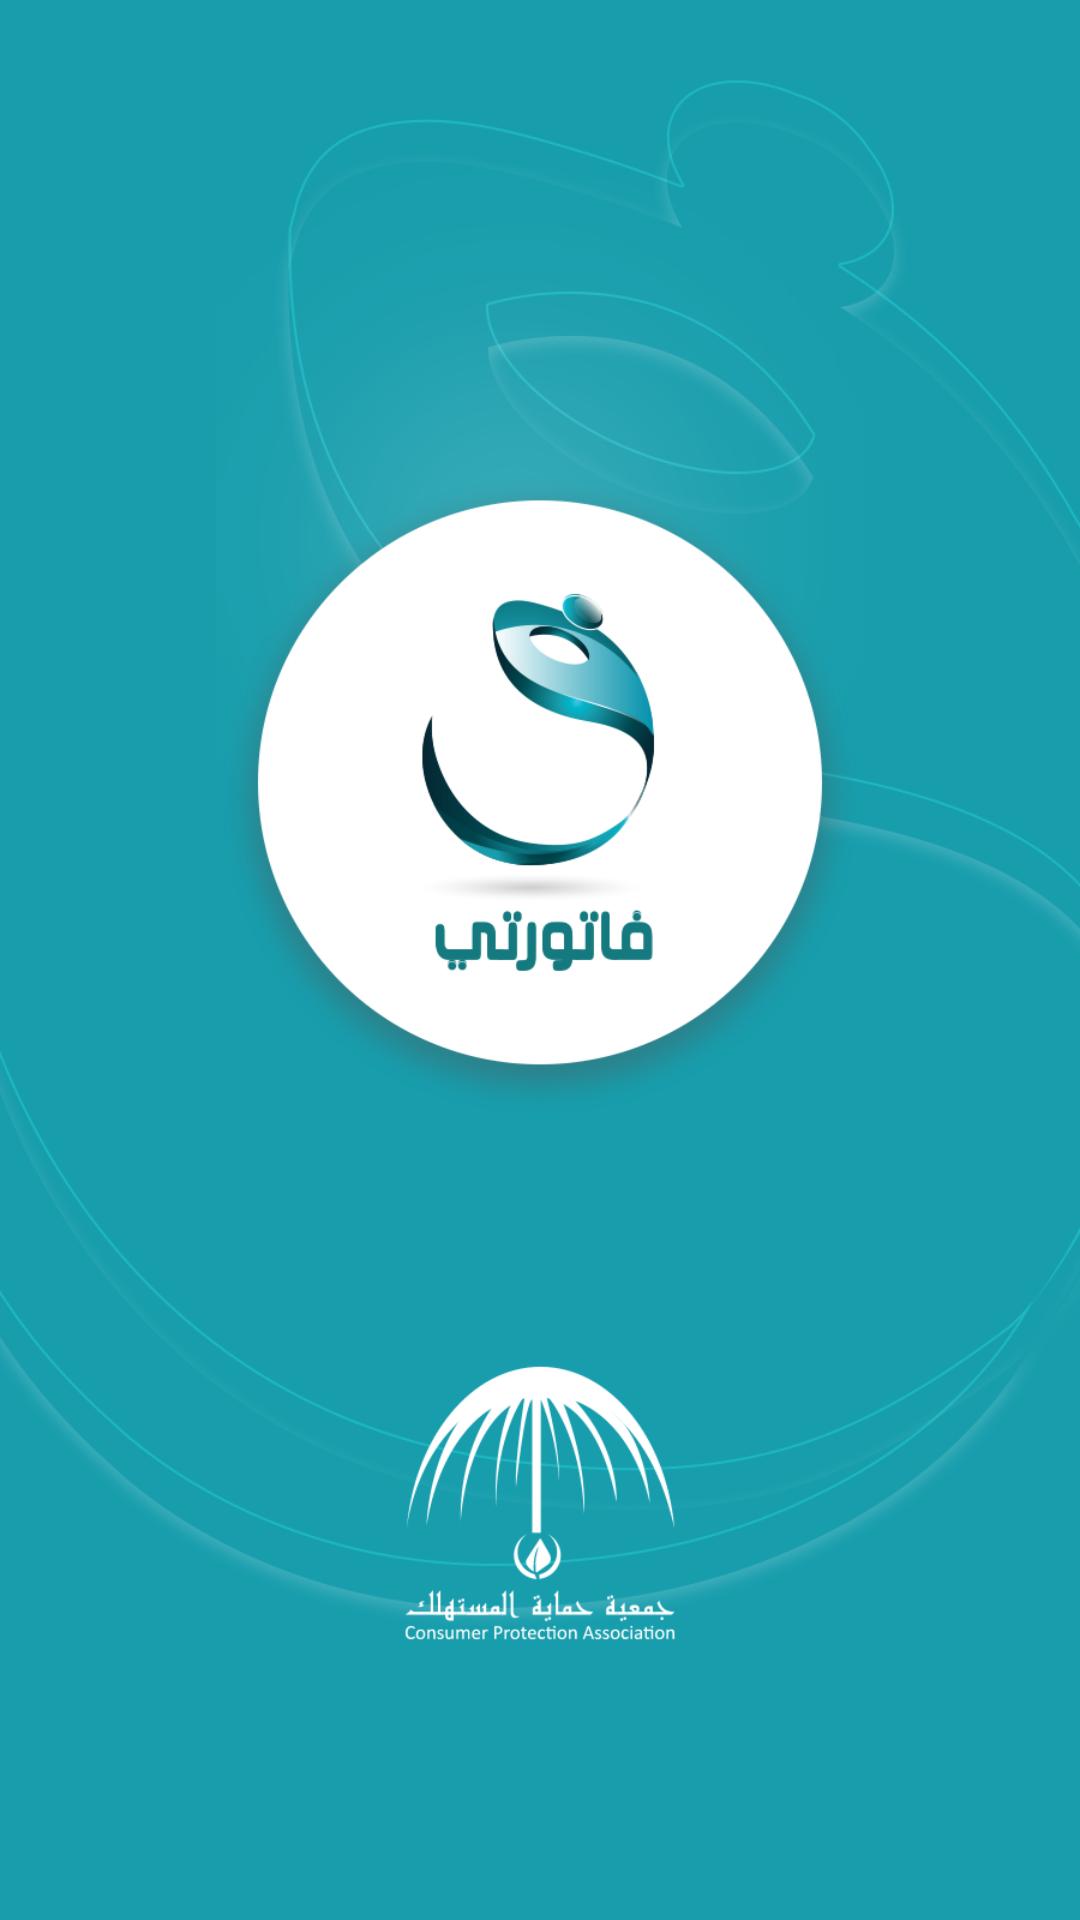 جمعية حماية المستهلك تُطلق تطبيق فاتورتي